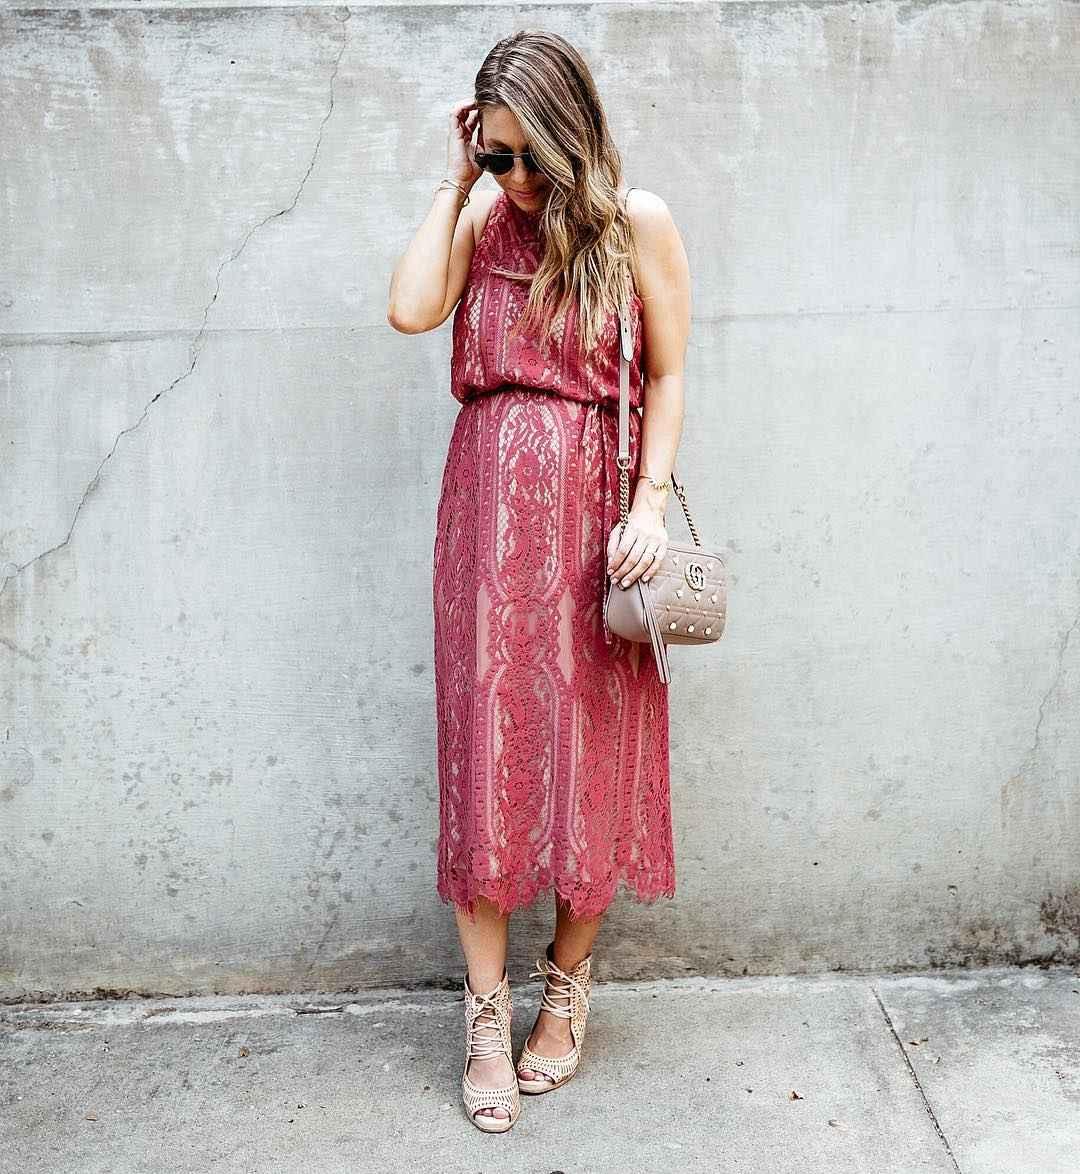 Мода для беременных весна-лето 2019 фото_43